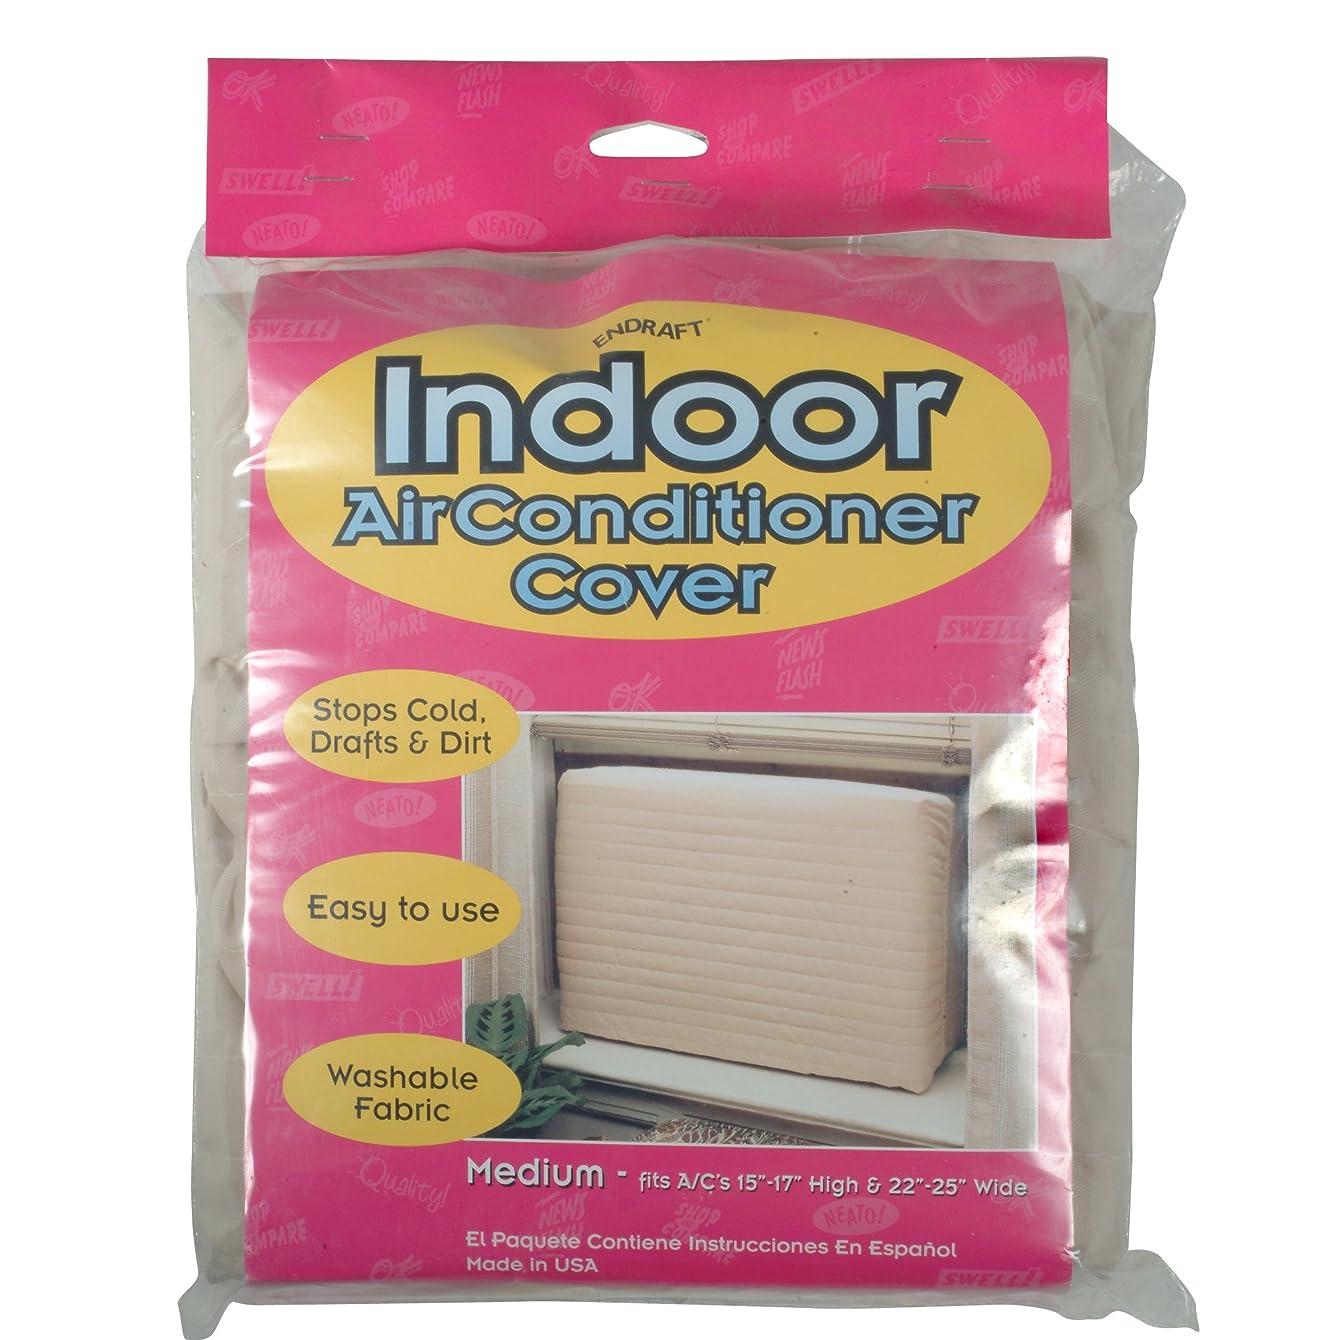 Whirlpool 4392940 Medium Air Conditioner Indoor Cover